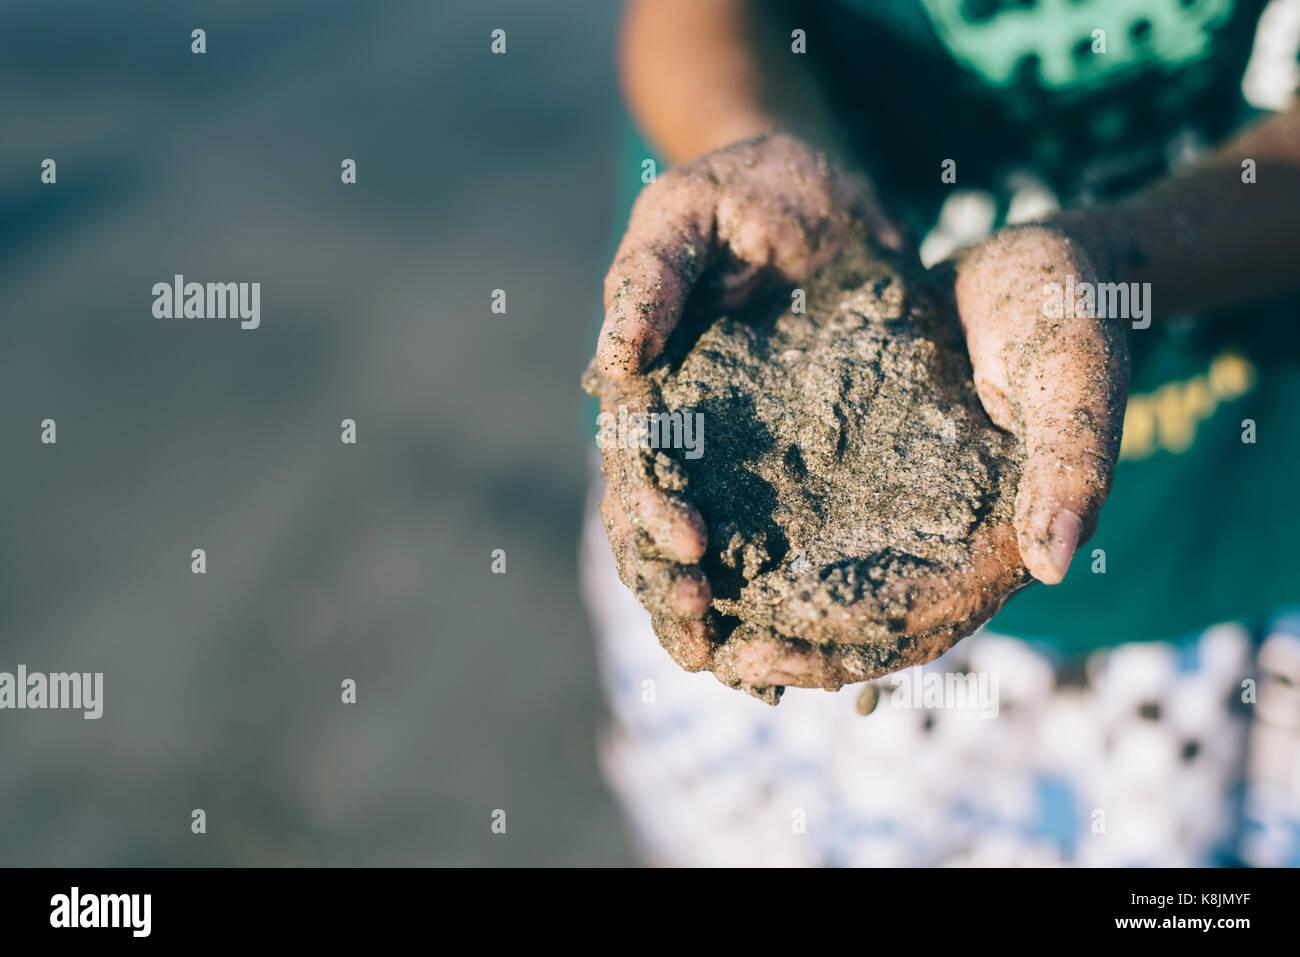 Enfants jouant avec des plages de sable fin.s'amuser en famille.Maison de concept. Photo Stock